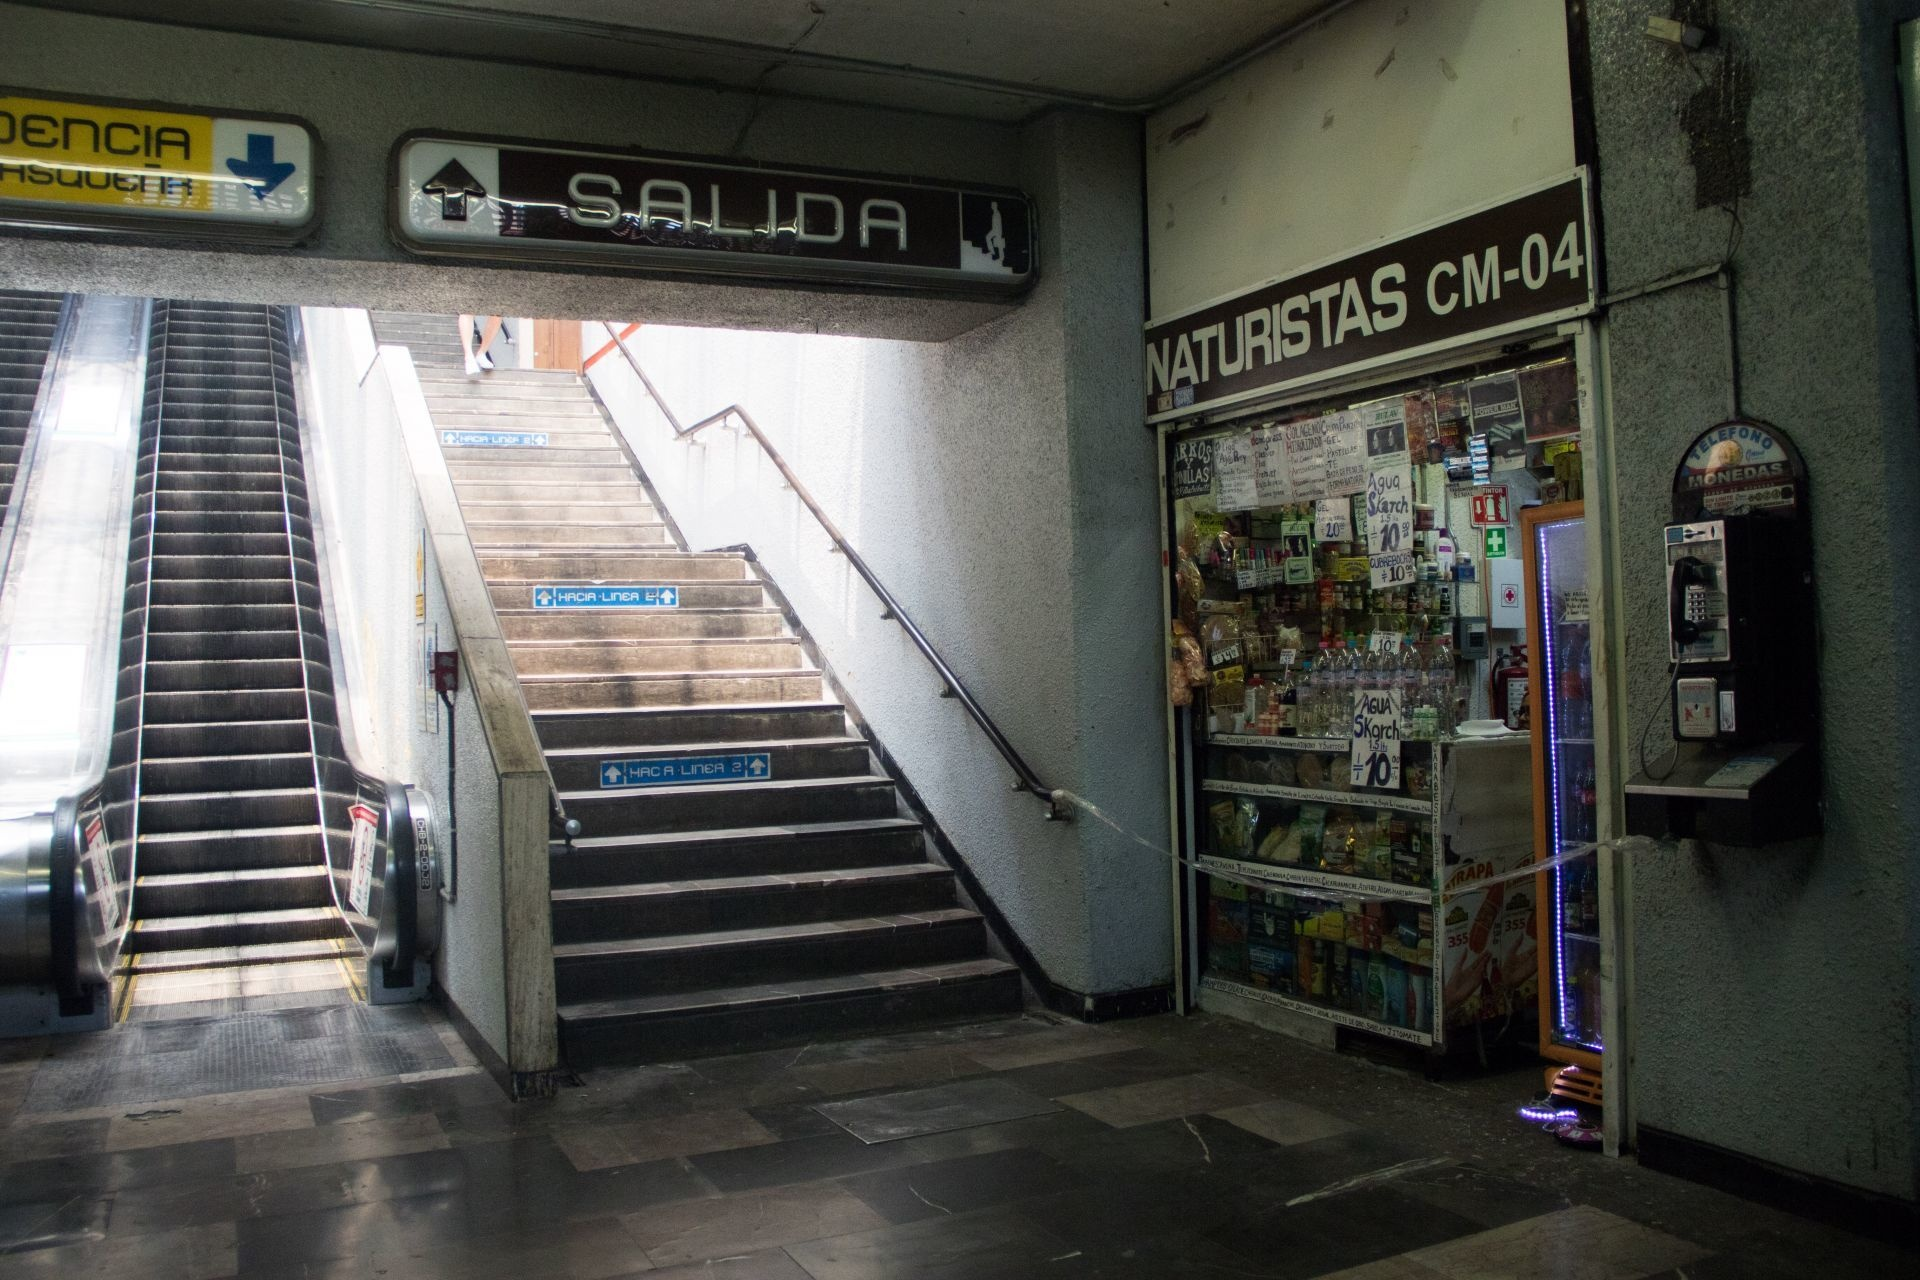 Foto: Las escaleras que no hace mucho tenían constante flujo, hoy, lucen vacías, 23 de abril de 2020, (ANDREA MURCIA /CUARTOSCURO.COM)